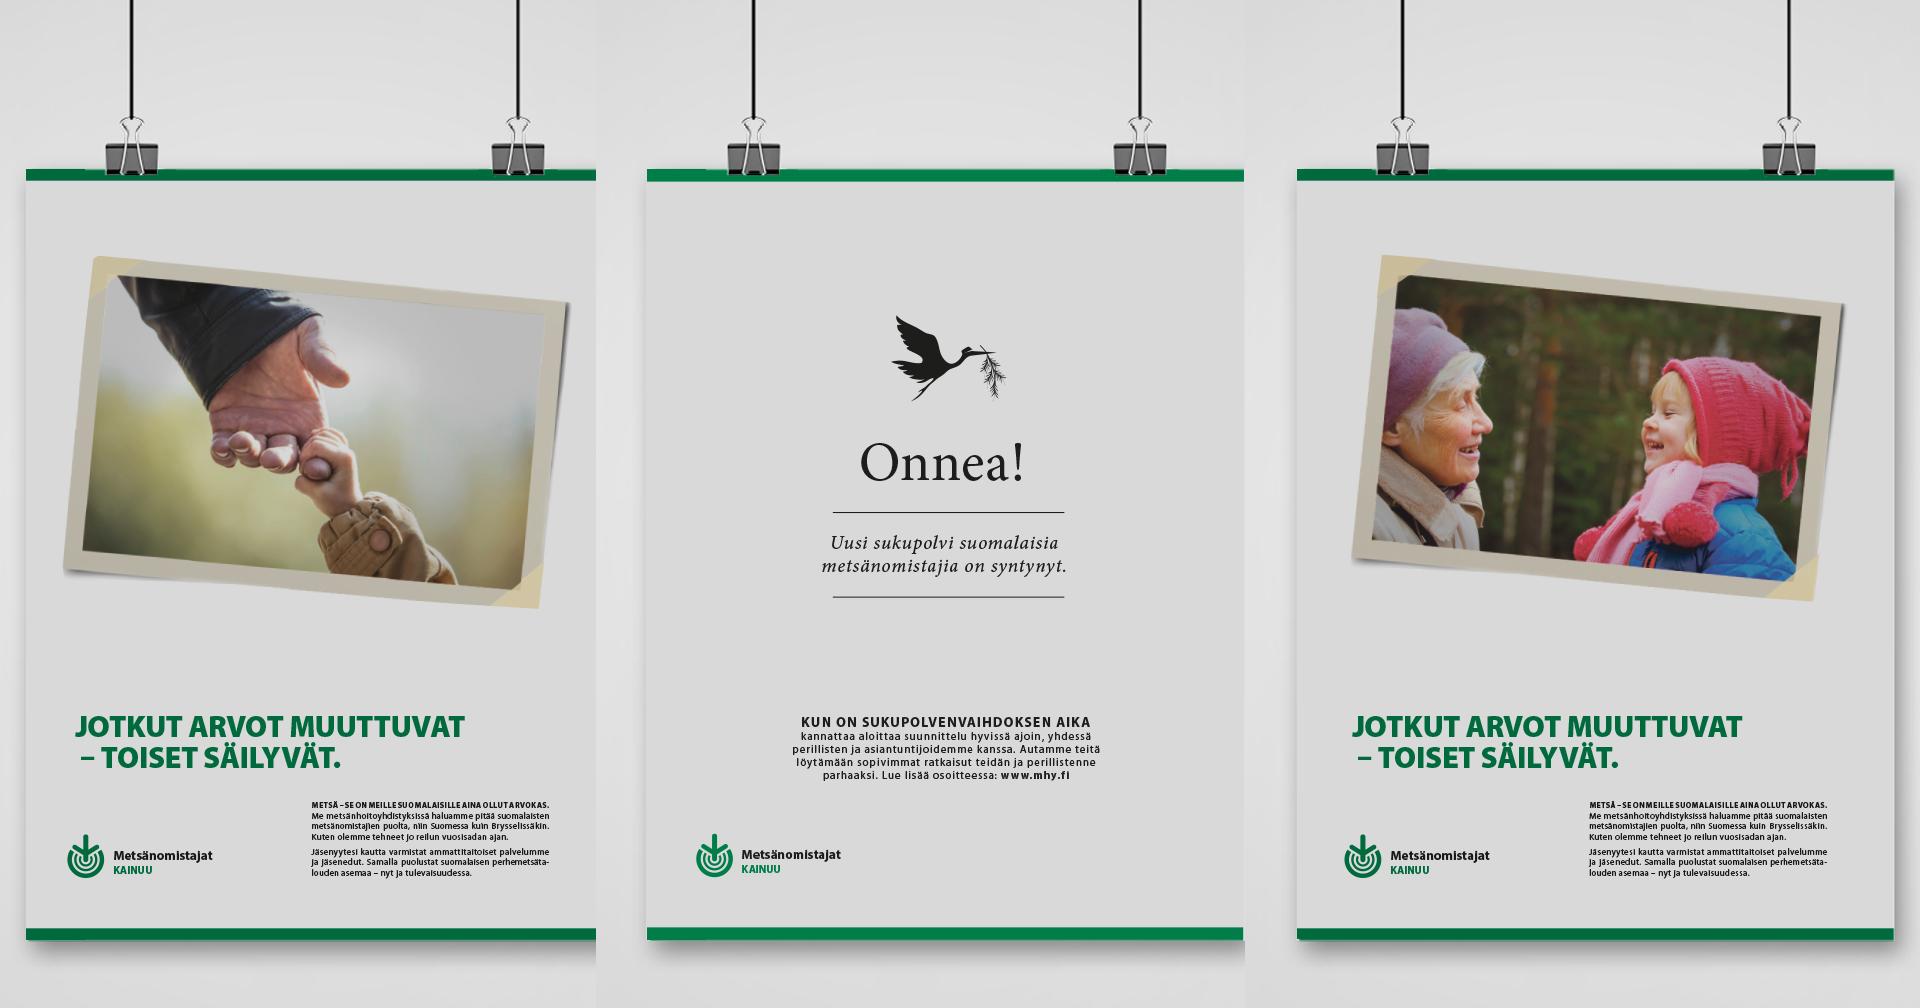 Työnäyte: Metsänhoitoyhdistys - Visuaalinen suunnittelu, kampanjan ja mainonnan suunnittelu ja toteutus